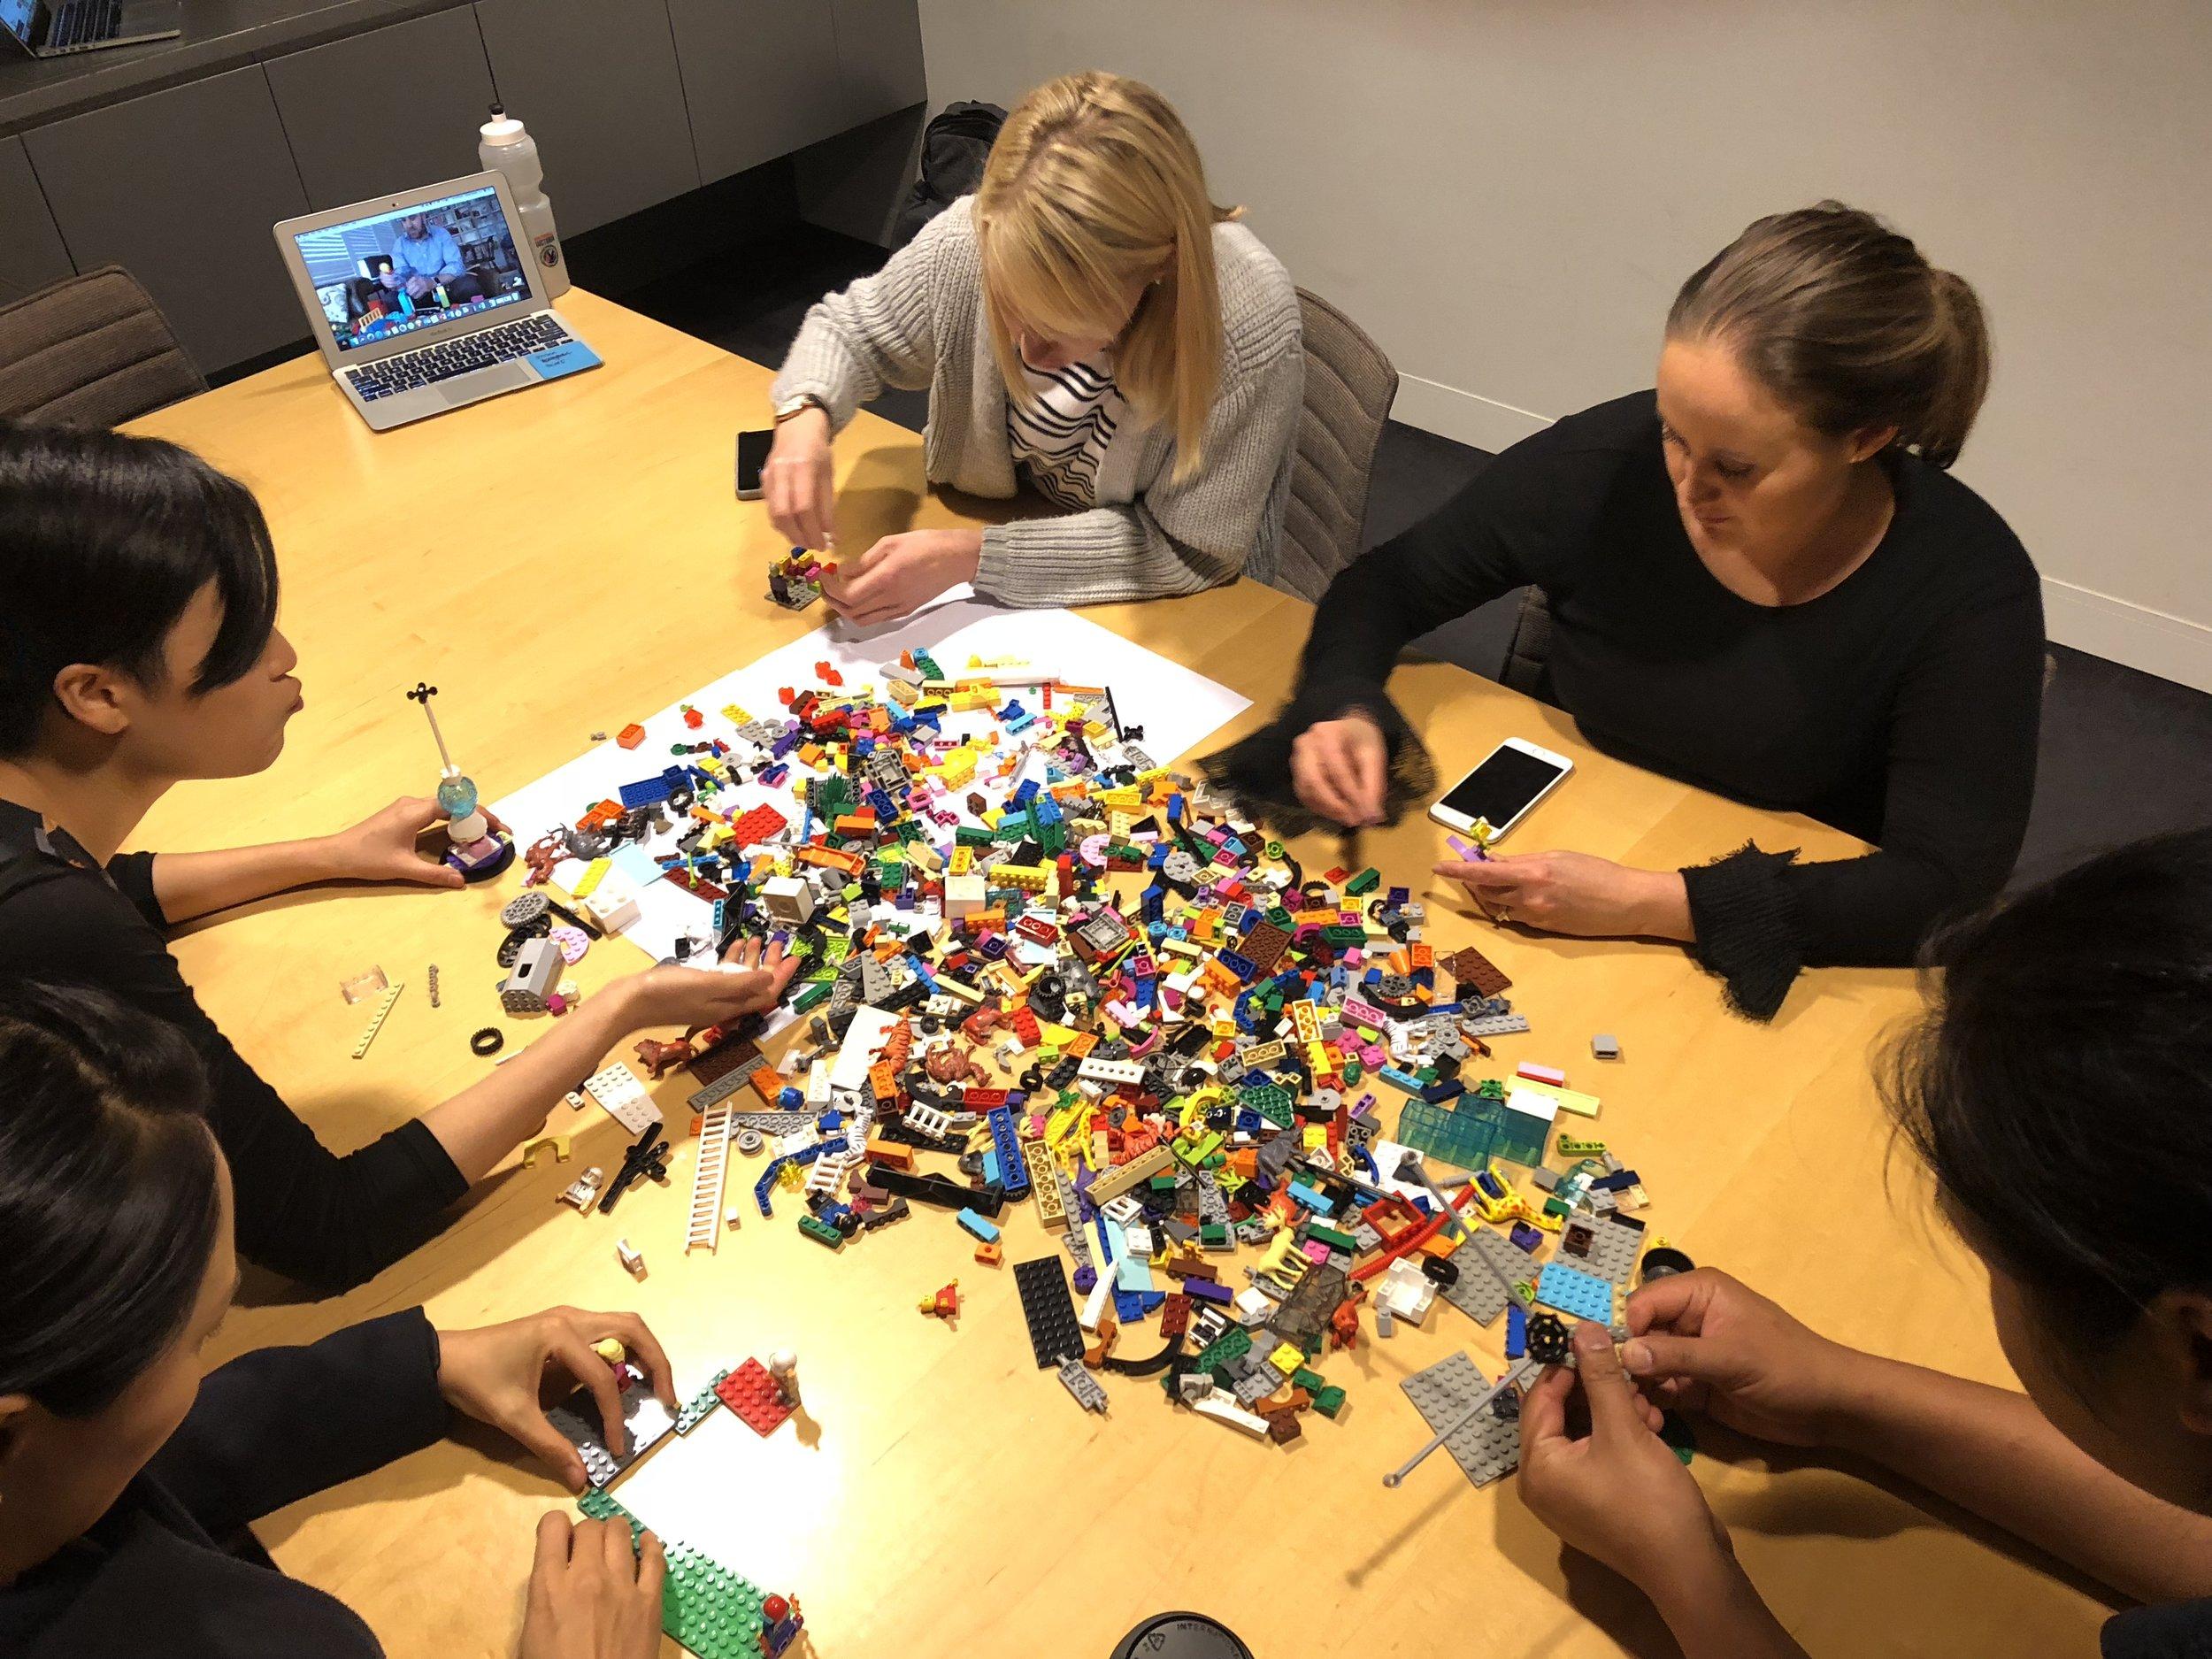 MYER's UX Designers building metaphors